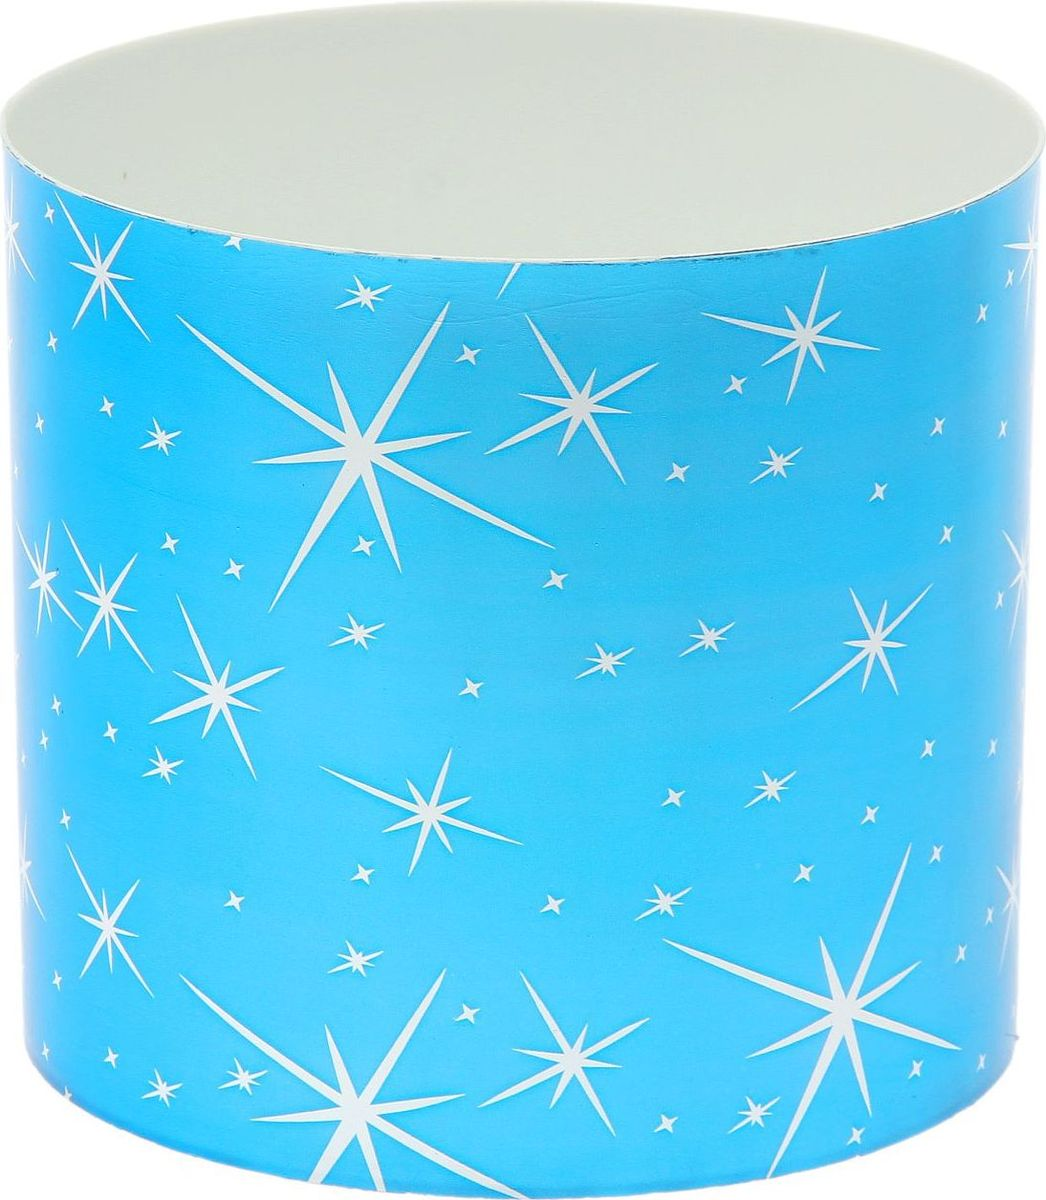 Горшок для цветов Simple Garden Звезды, со скрытым поддоном, цвет: голубой металлик, 2,8 л1915387Любой, даже самый современный и продуманный интерьер будет незавершенным без растений. Они не только очищают воздух и насыщают его кислородом, но и украшают окружающее пространство. Такому полезному члену семьи просто необходим красивый и функциональный дом! Оптимальный выбор материала — пластмасса! Почему мы так считаем? Малый вес. С легкостью переносите горшки и кашпо с места на место, ставьте их на столики или полки, не беспокоясь о нагрузке. Простота ухода. Кашпо не нуждается в специальных условиях хранения. Его легко чистить — достаточно просто сполоснуть теплой водой. Никаких потертостей. Такие кашпо не царапают и не загрязняют поверхности, на которых стоят. Пластик дольше хранит влагу, а значит, растение реже нуждается в поливе. Пластмасса не пропускает воздух — корневой системе растения не грозят резкие перепады температур. Огромный выбор форм, декора и расцветок — вы без труда найдете что-то, что идеально впишется в уже существующий интерьер. Соблюдая нехитрые правила ухода, вы можете заметно продлить срок службы горшков и кашпо из пластика: всегда учитывайте размер кроны и корневой системы (при разрастании большое растение способно повредить маленький горшок) берегите изделие от воздействия прямых солнечных лучей, чтобы горшки не выцветали держите кашпо из пластика подальше от нагревающихся поверхностей. Создавайте прекрасные цветочные композиции, выращивайте рассаду или необычные растения.